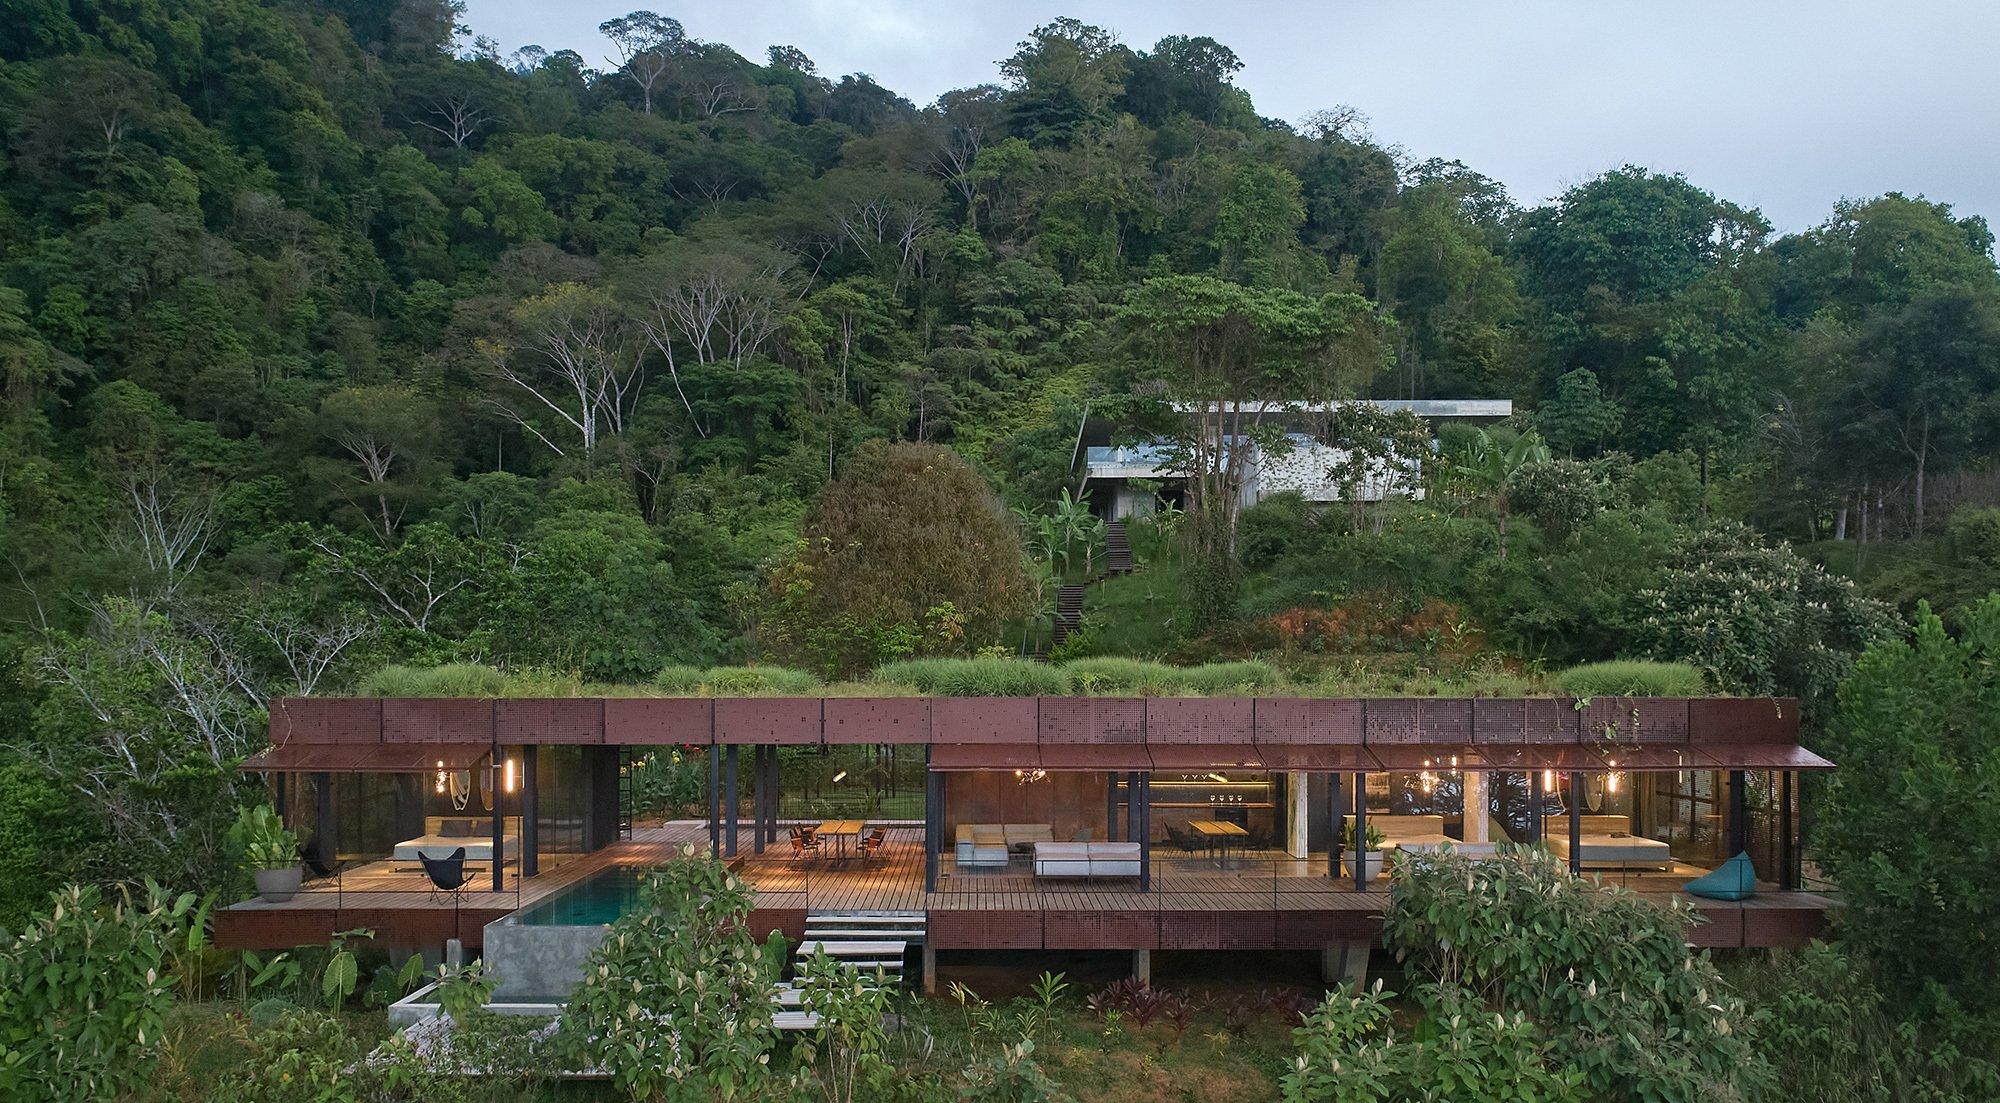 Das Haus löst die Grenzen zwischen Drinnen und Draußen, zwischen Natur und Wohnraum auf. Das perforierte Wandmodul wird als Flügel zum temporären Schattendach.